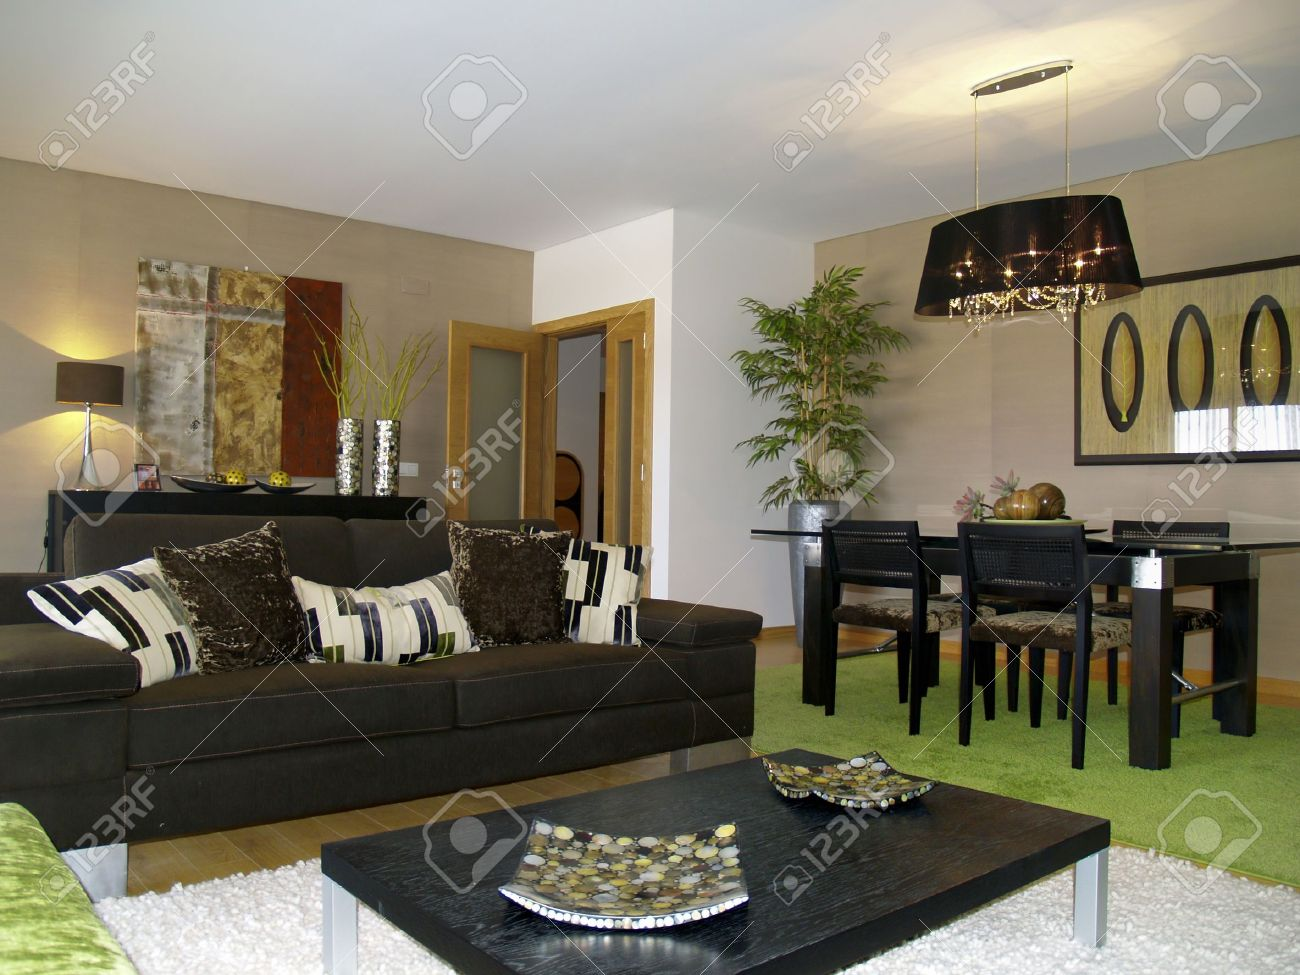 Moderne Dekoration Wohnung | Möbelideen Dekorationsideen Fr Die Wohnung